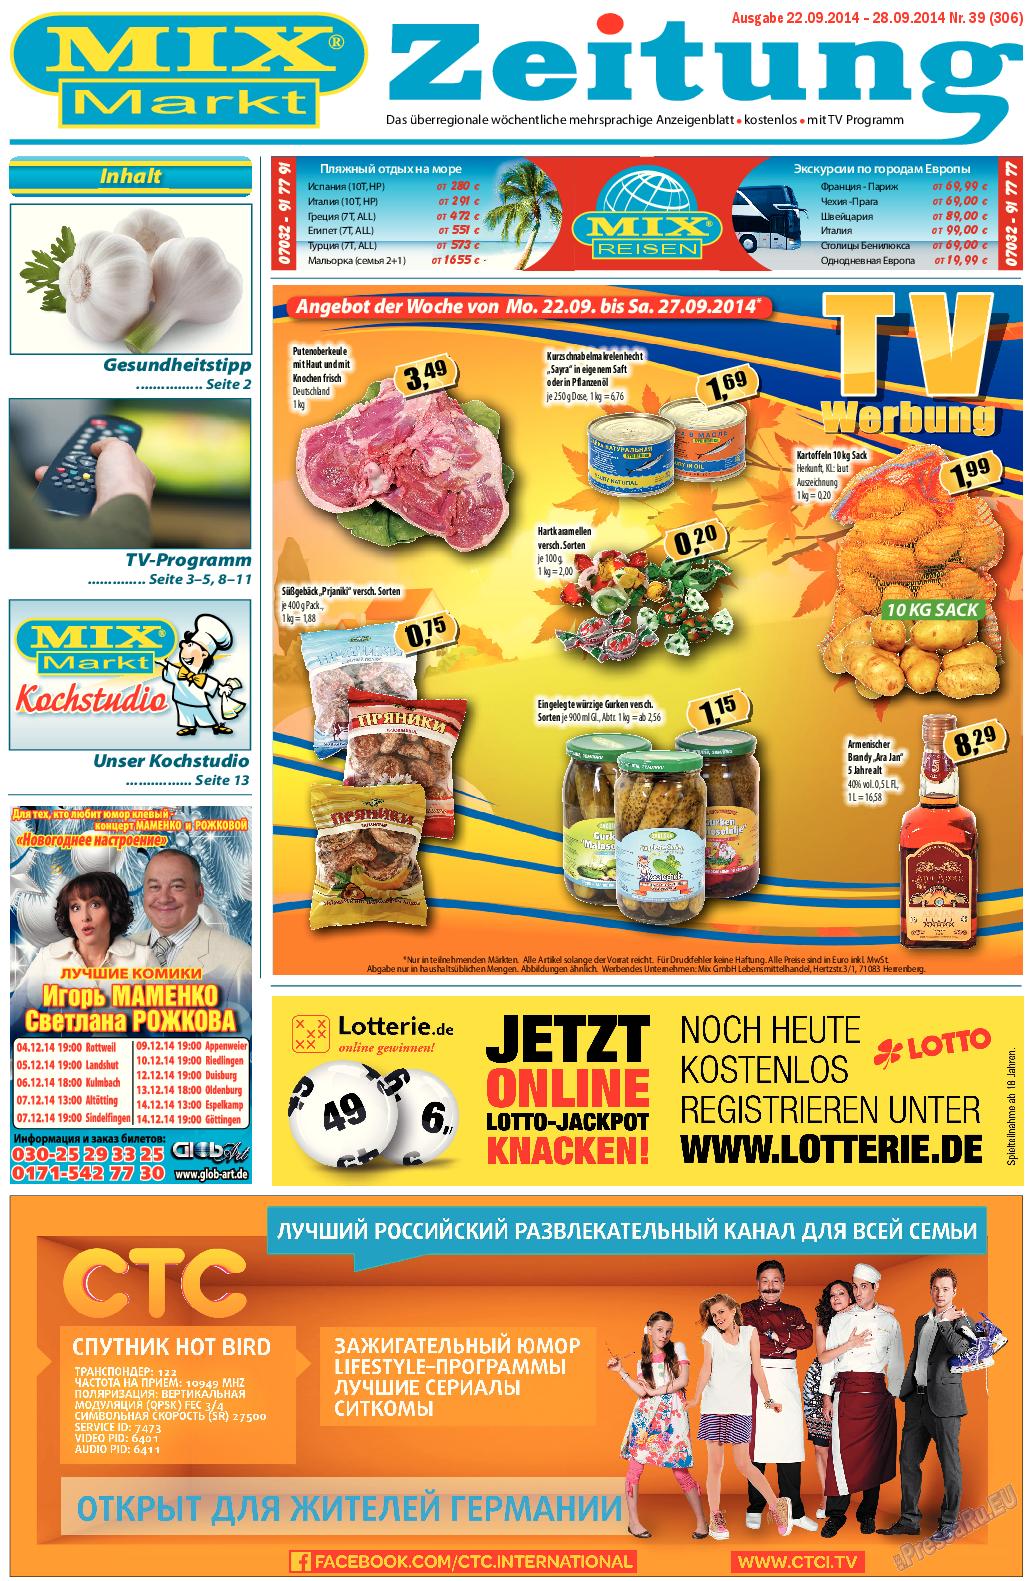 MIX-Markt Zeitung (газета). 2014 год, номер 39, стр. 1